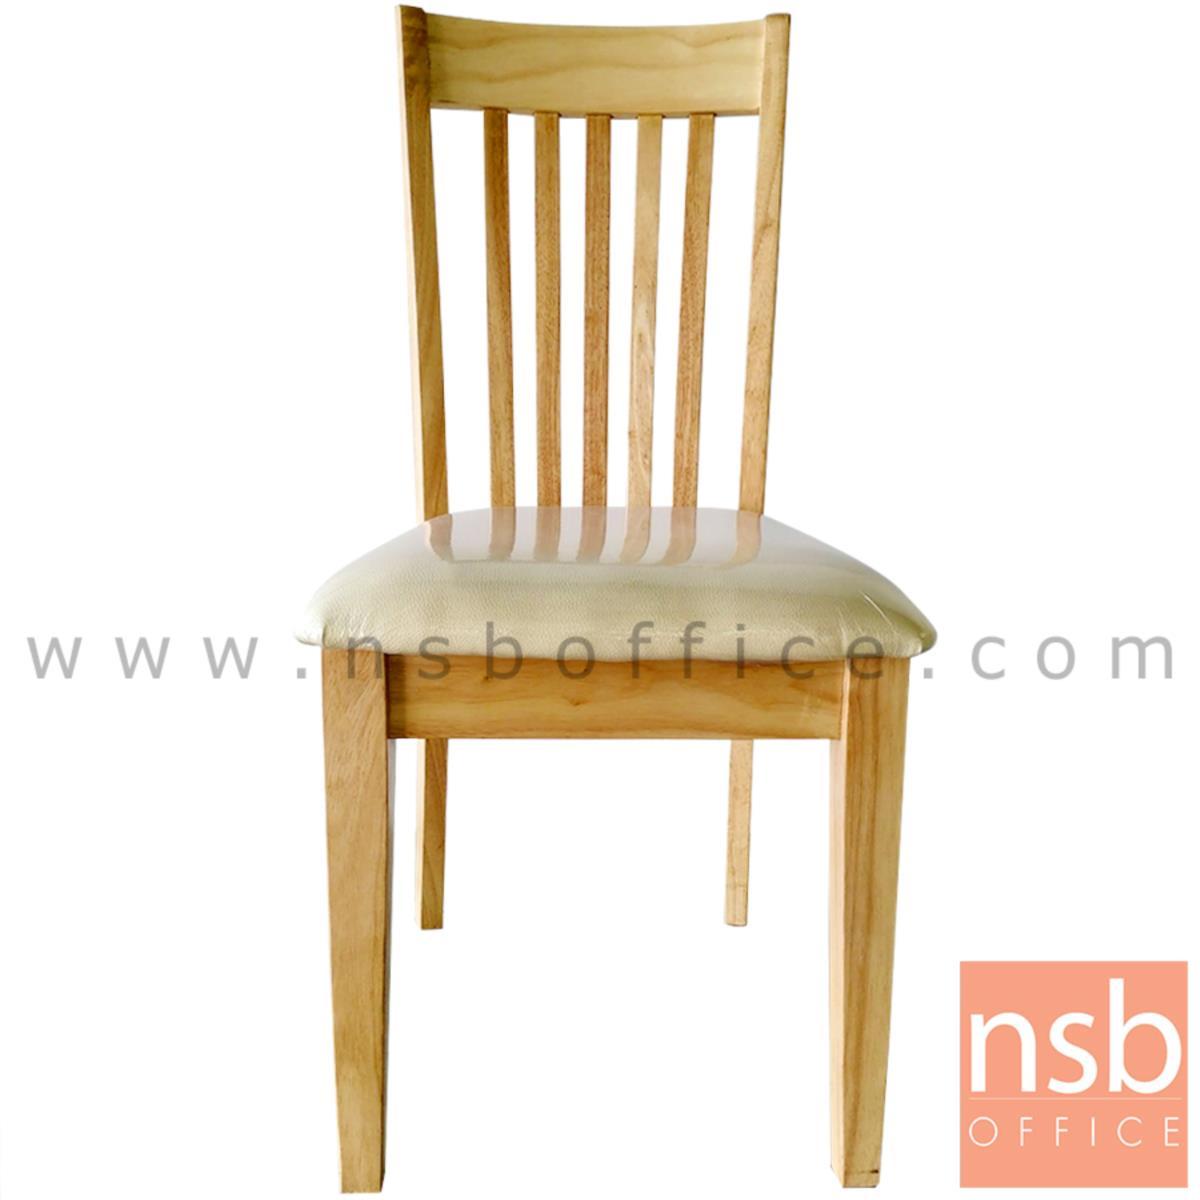 G14A054:เก้าอี้ไม้ยางพาราที่นั่งหุ้มหนังเทียม รุ่น Helga (เฮลก้า) ขาไม้